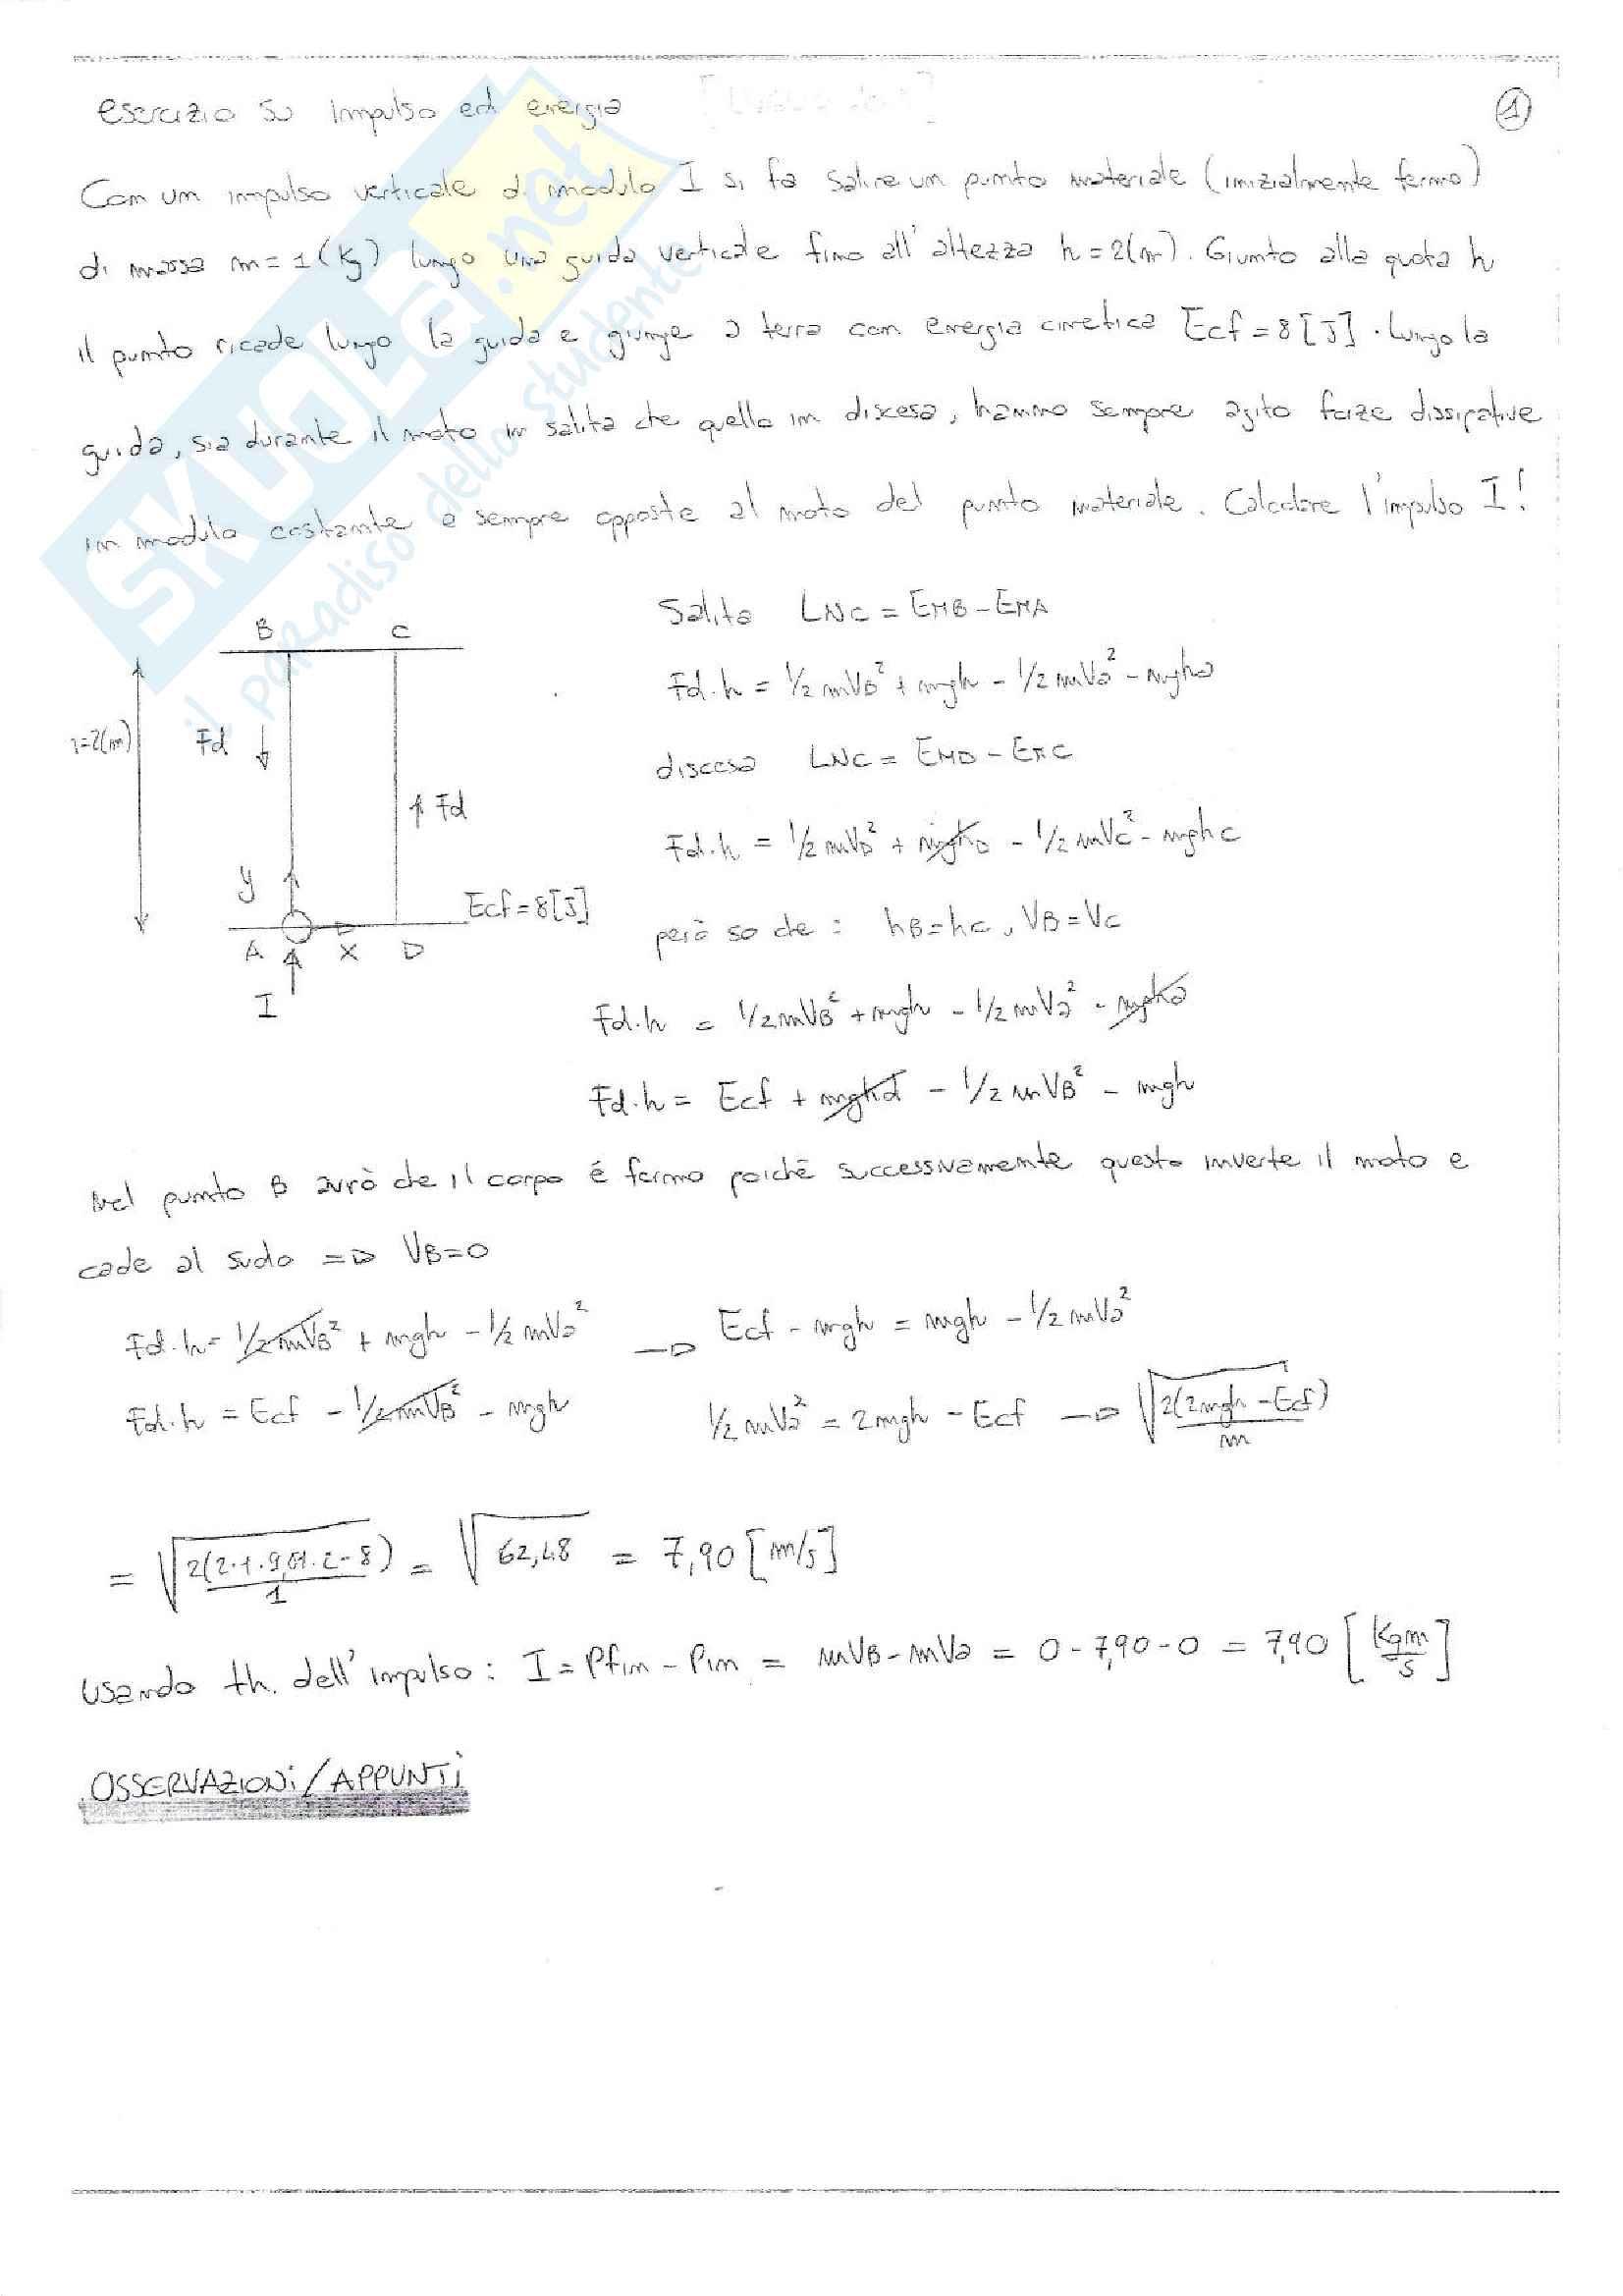 Esercizi svolti esame Fisica 1, prof. Barucca, libri consigliati: Elementi di Fisica - Meccanica - Termodinamica, Mazzoldi - Nigro - Voci; Fisica 1, Vannini - Gettys; Fisica - Volume 1, Mazzoldi - Nigro - Voci; Fisica Generale: Meccanica e Termodinamica